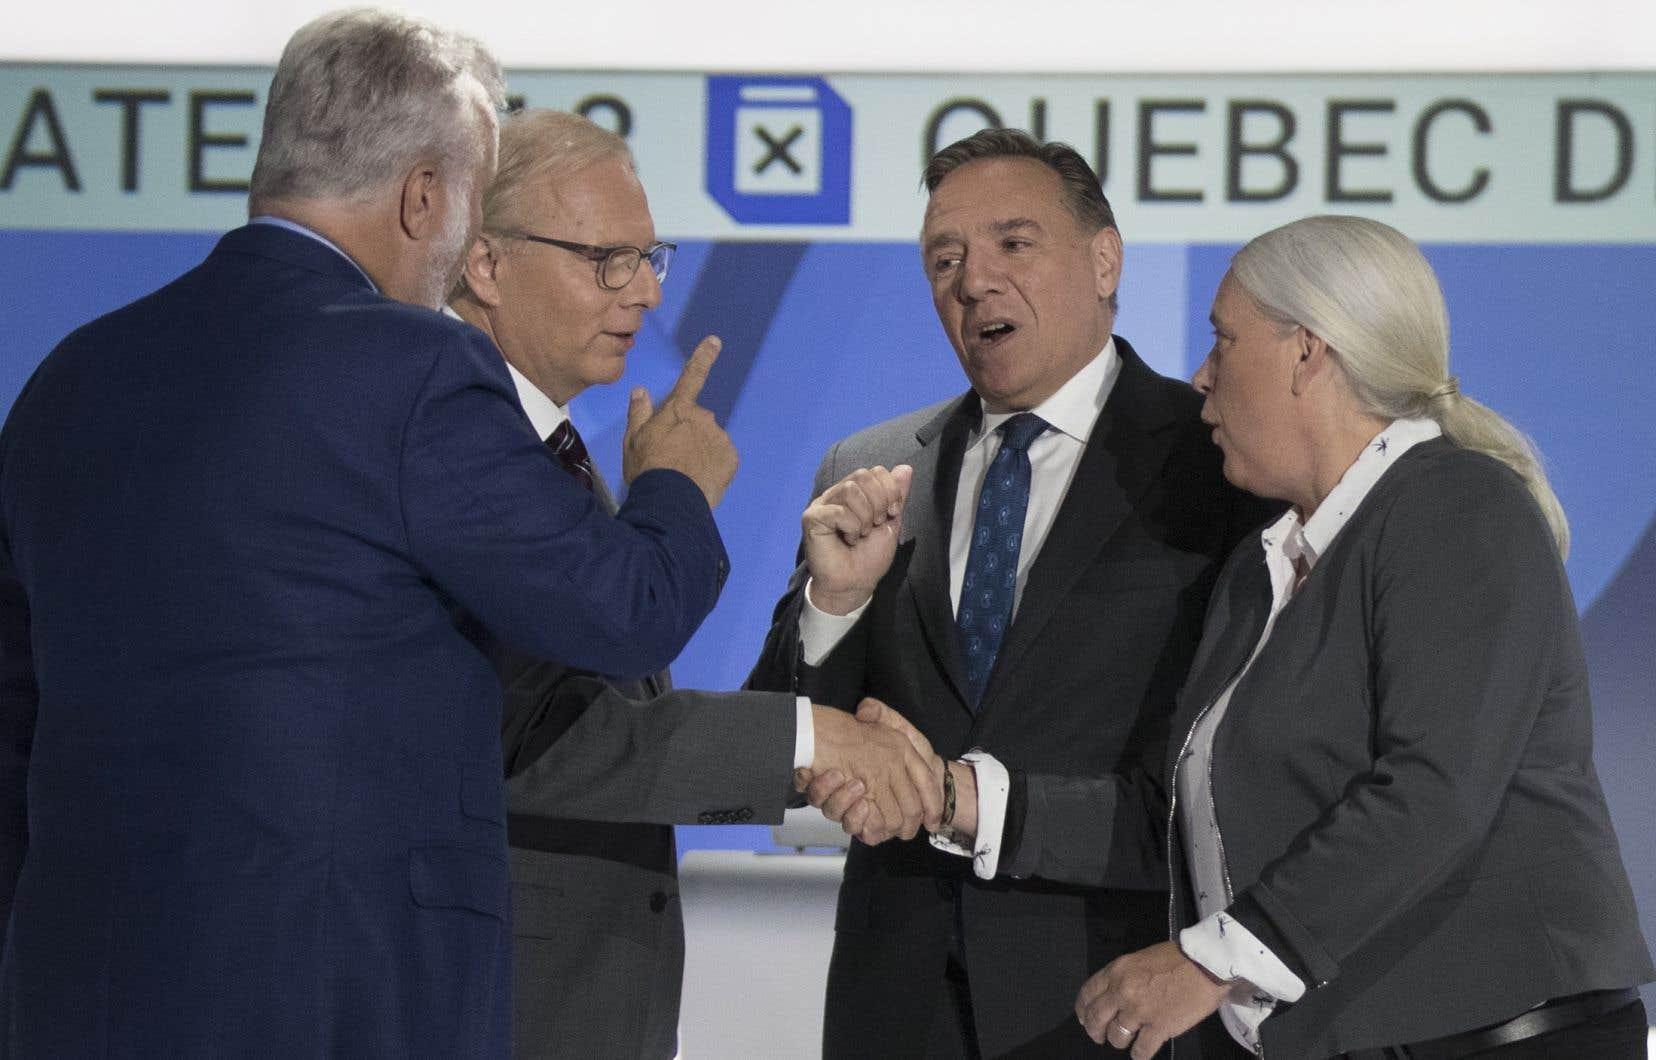 <p>Les quatre chefs ont participé lundi soir à un premier débat télévisé en anglais. Selon l'auteur, pendant l'heure et demie qu'a duré ce débat, la communauté politique québécoise a perdu de vue ses intérêts.</p>